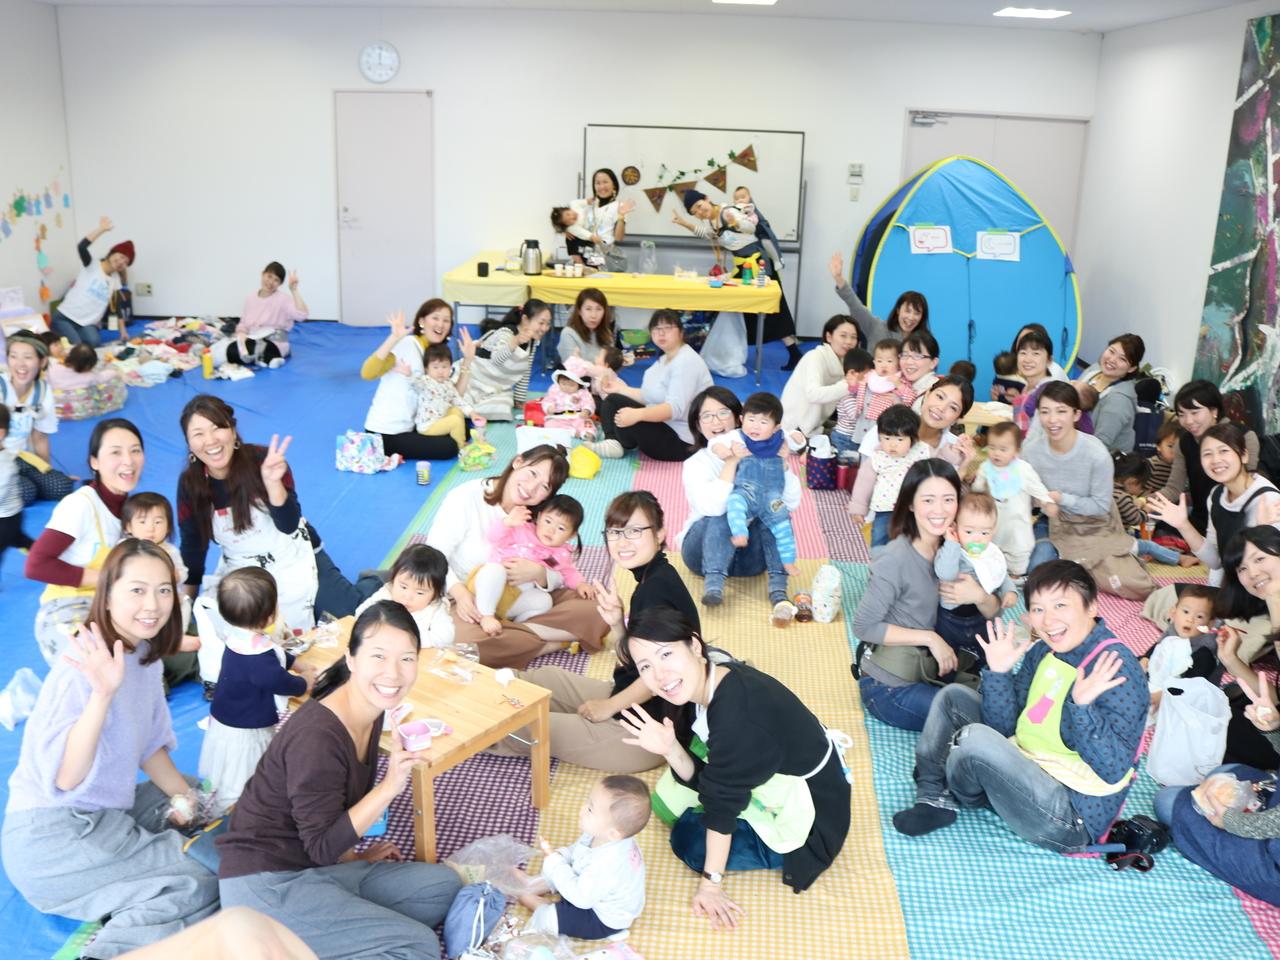 第10回・彩都ママピクニック「ママピク1周年ありがとう☆みんなで語ろう未来予想図」